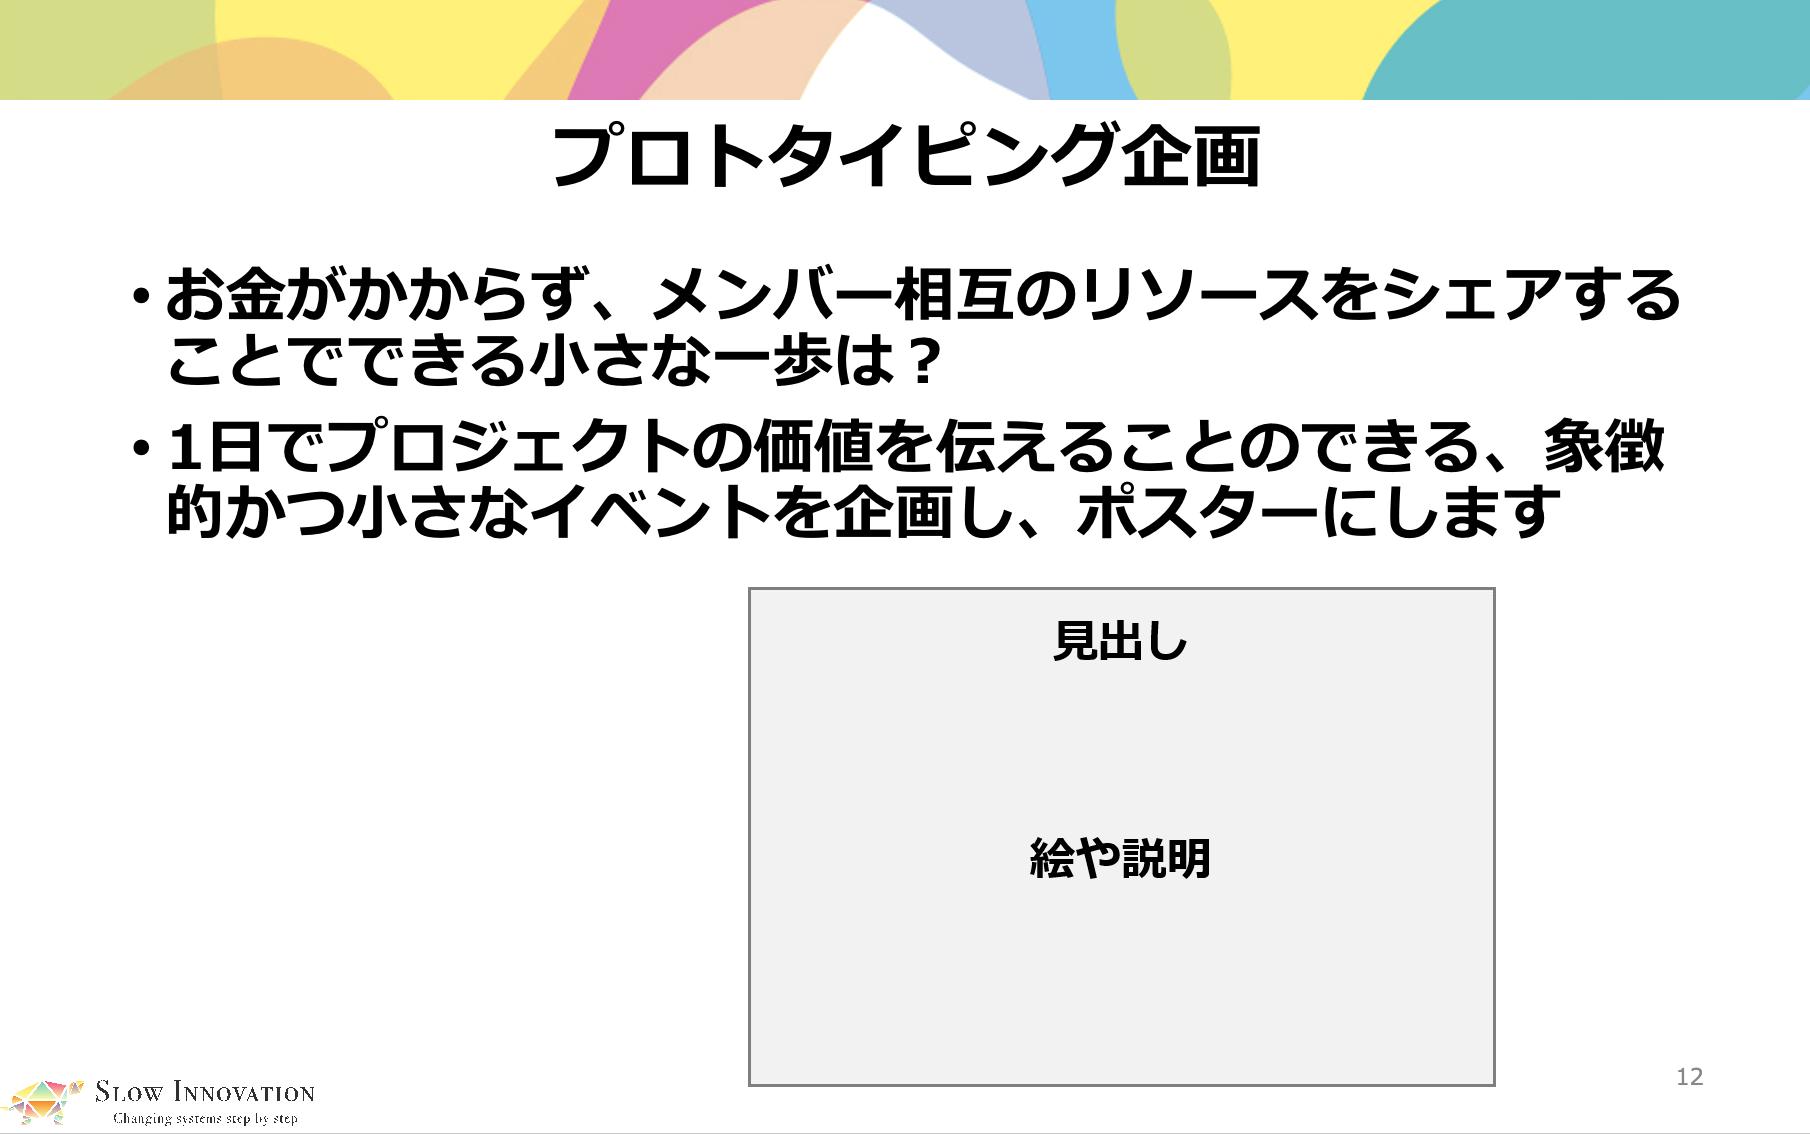 スクリーンショット 2020-08-28 10.56.49